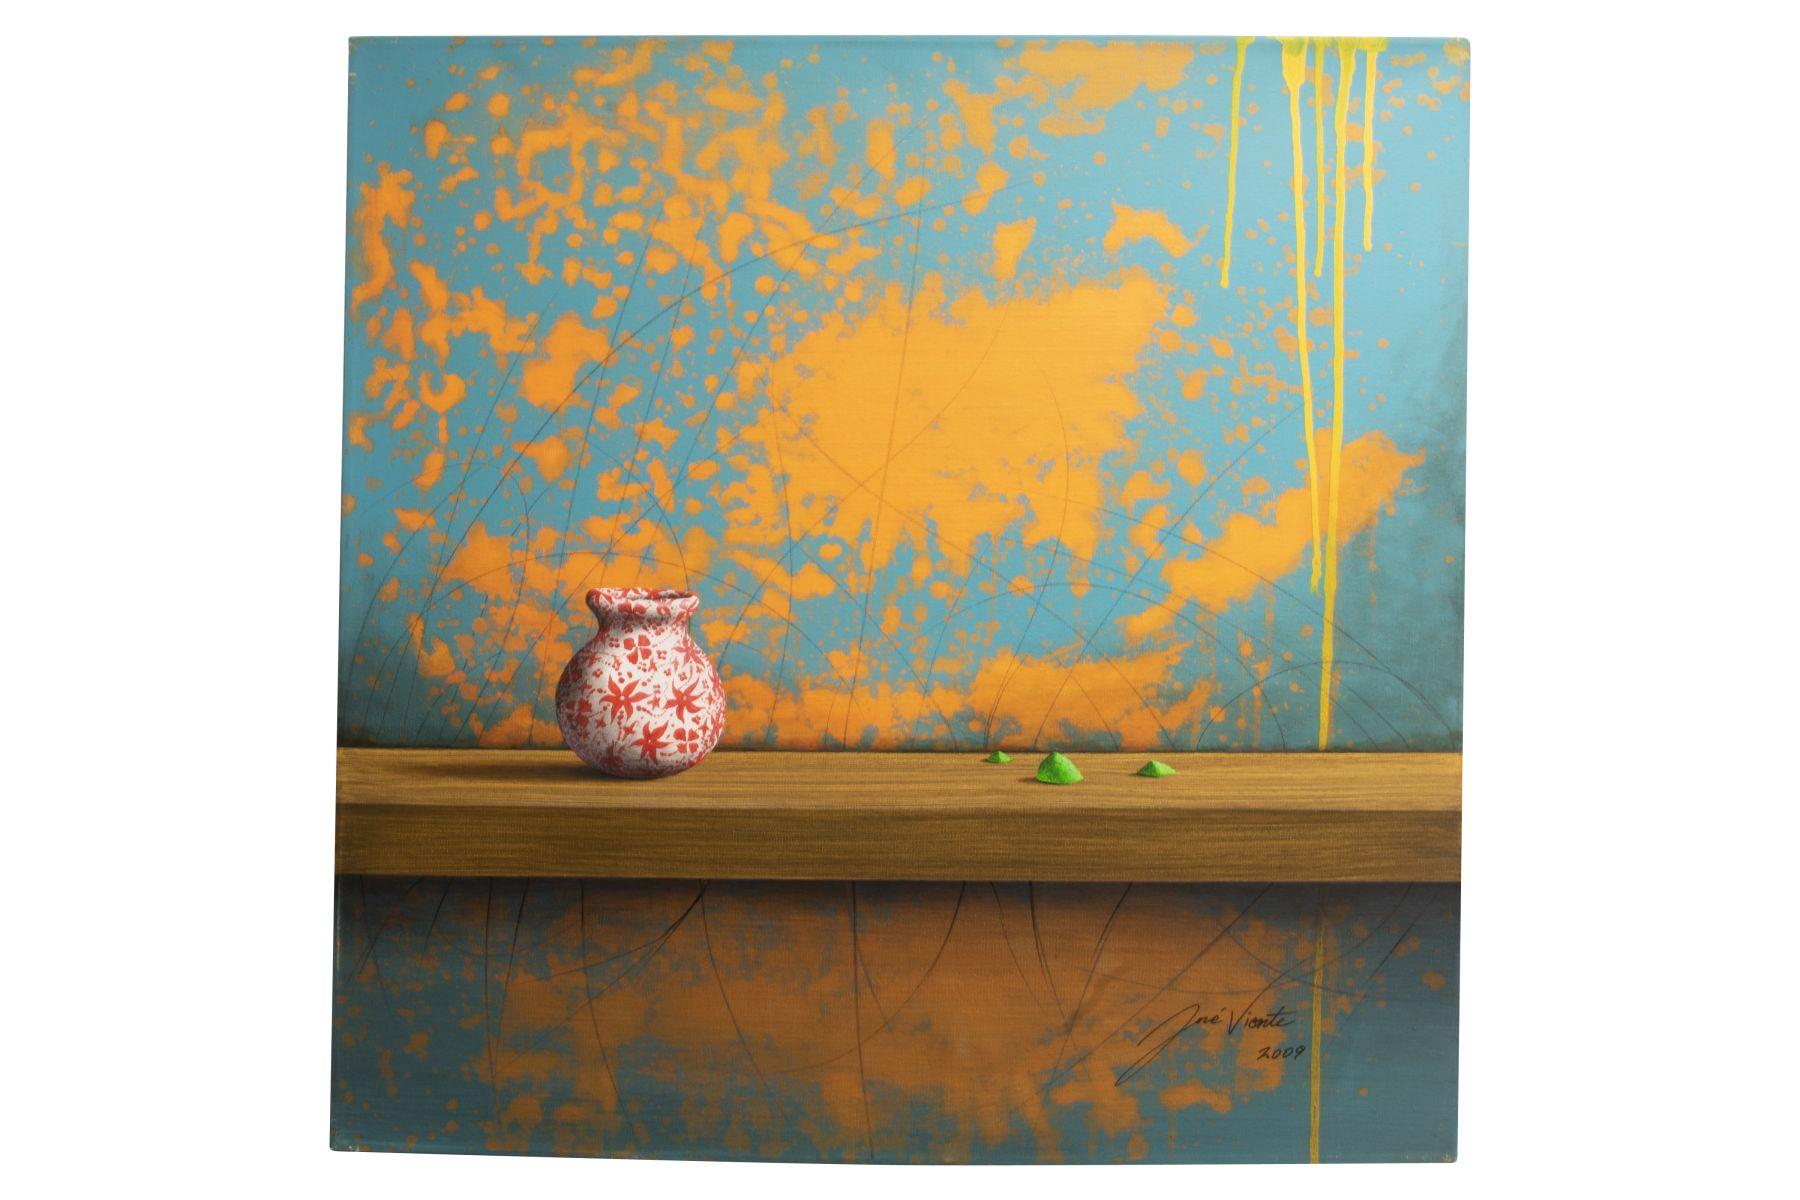 """#31 Jose Vicente (1977) """"Modern still life with vases"""", 2008   Jose Vicente (1977) """"Modernes Stillleben mit Vasen"""", 2008 Image"""